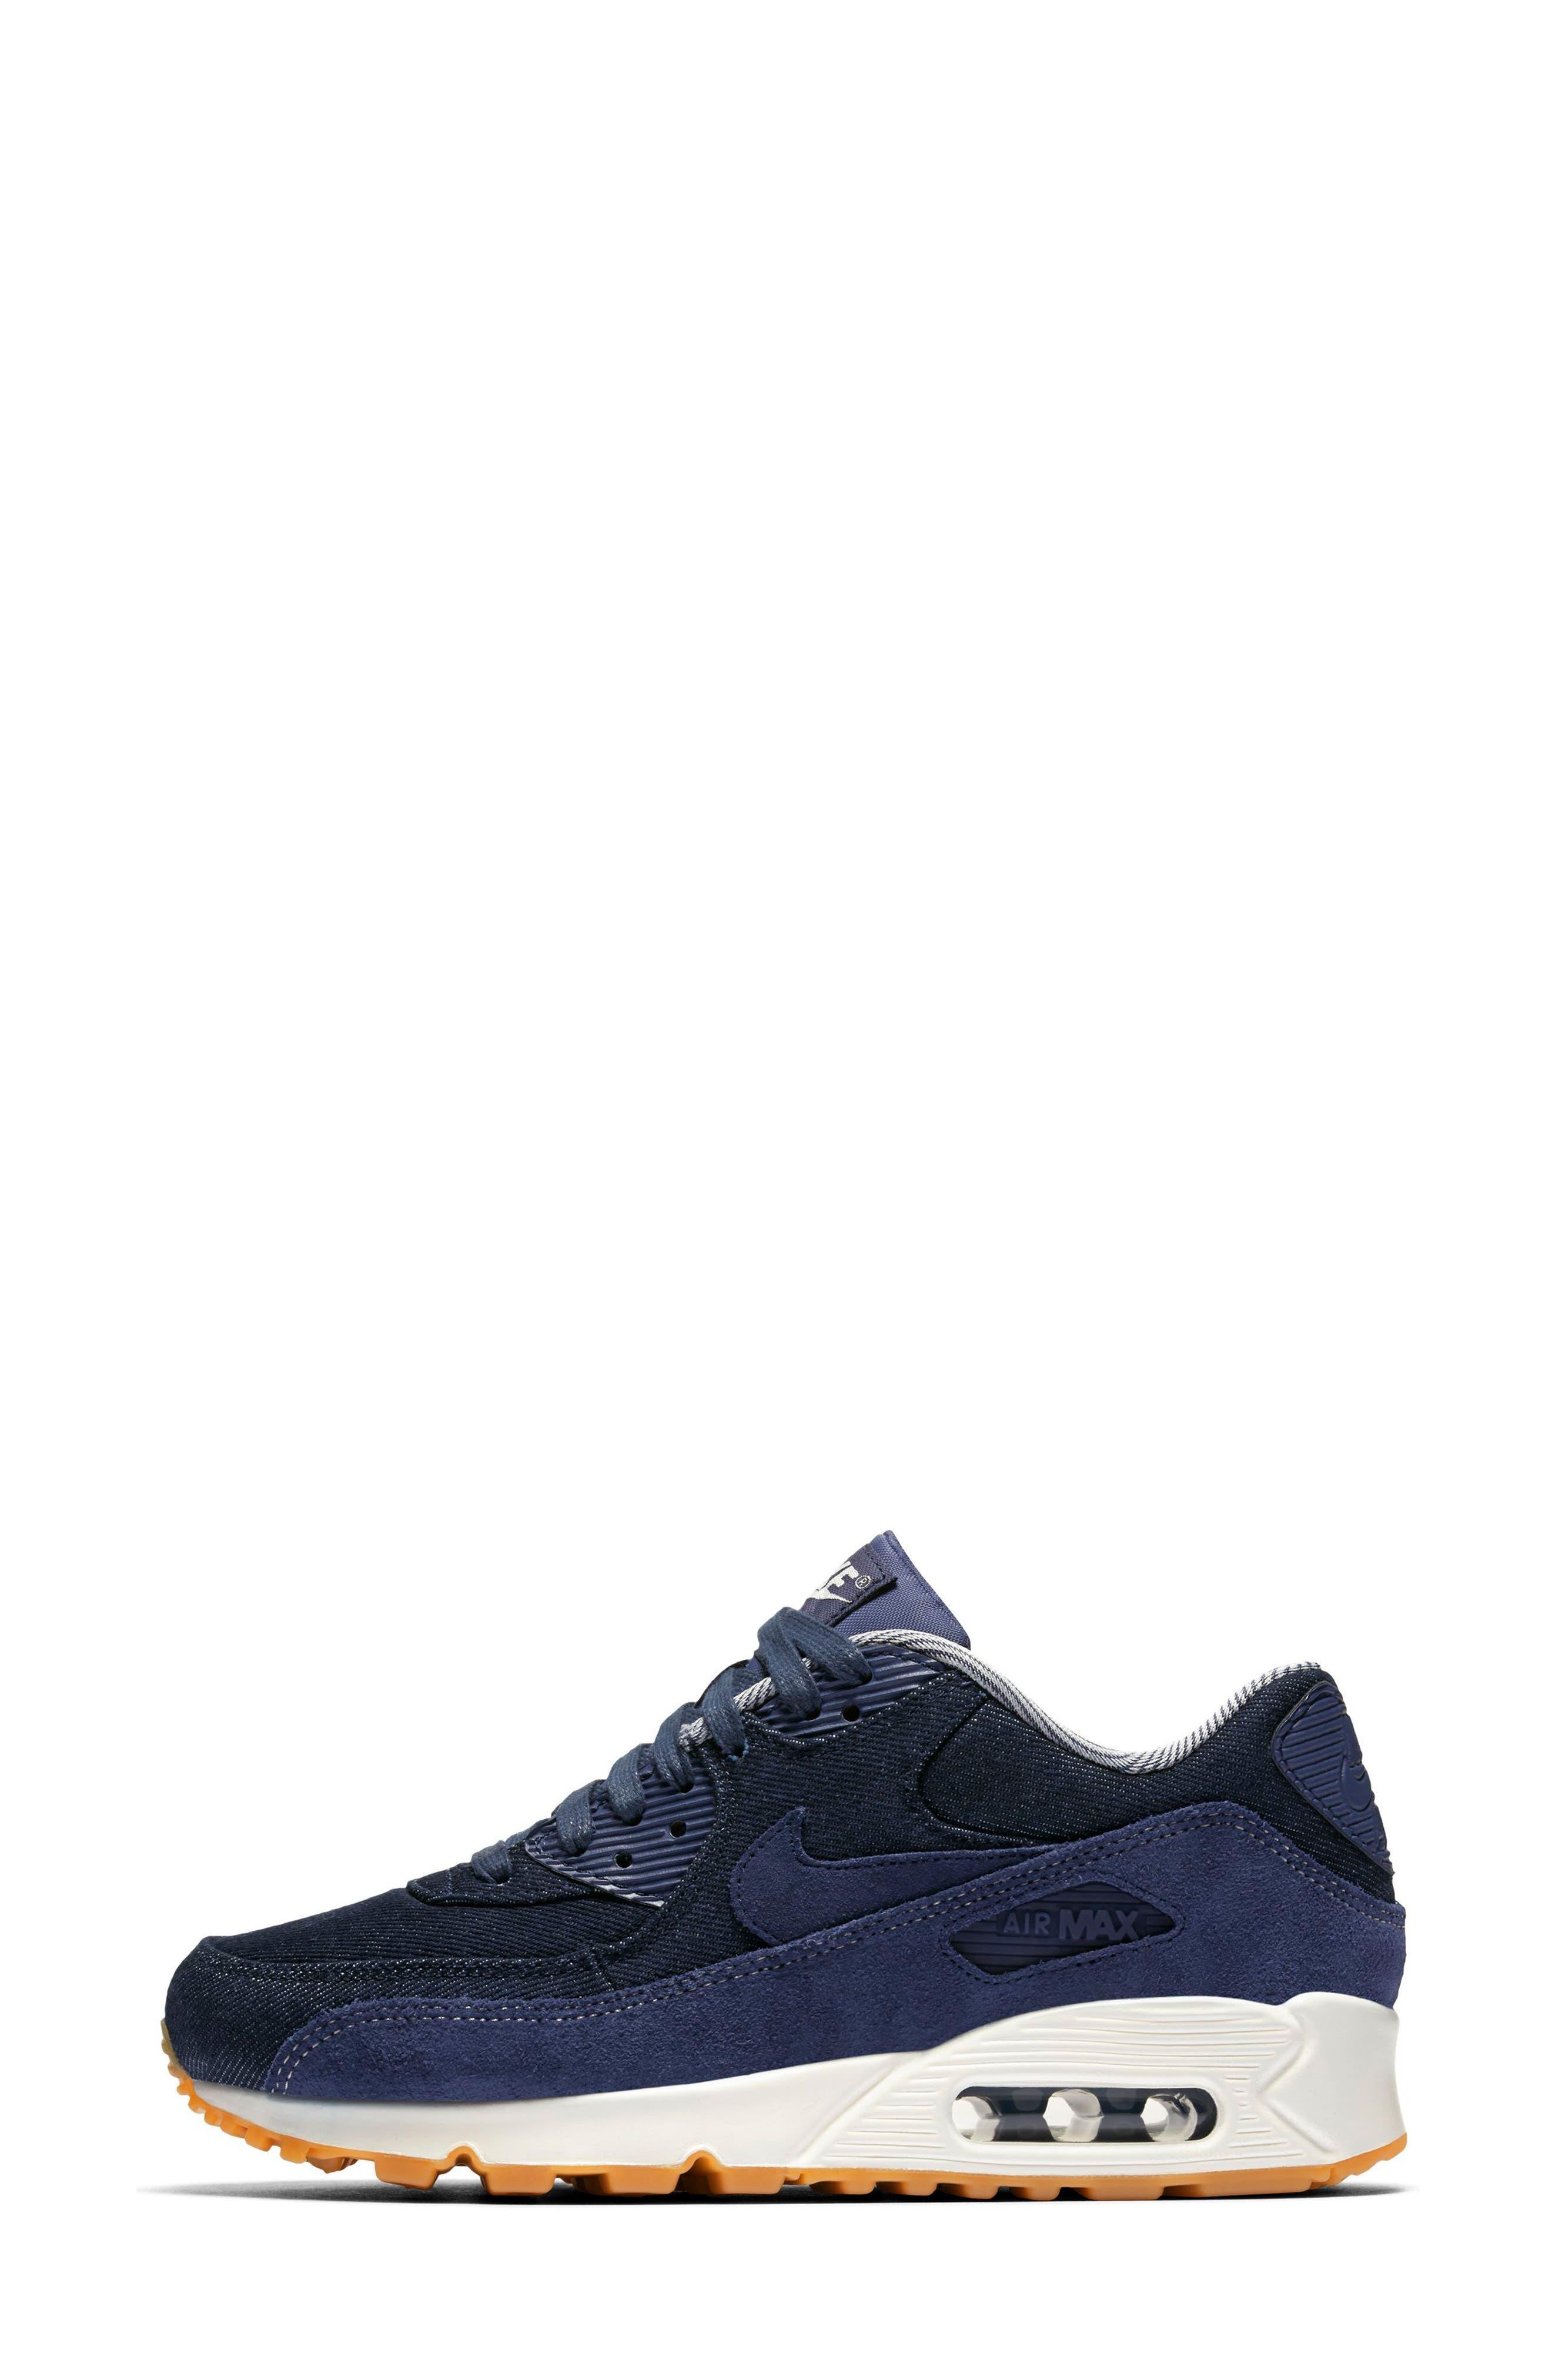 Air Max 90 SE Sneaker,                         Main,                         color, Blue/ Muslin/ Sail/ Gum